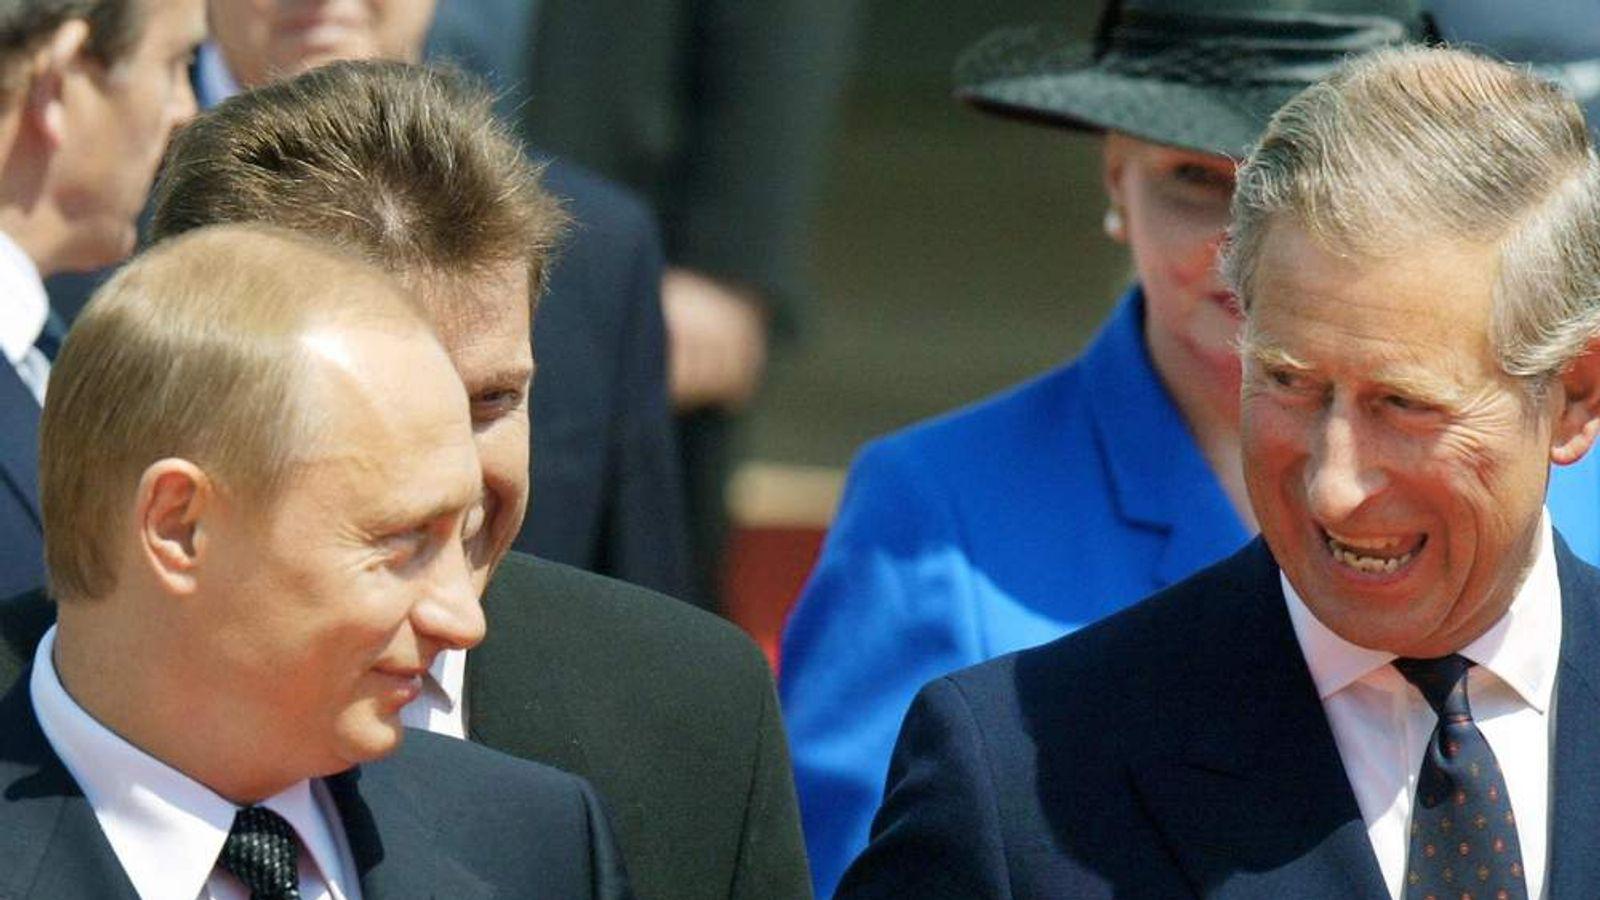 Vladimir Putin and Prince Charles.